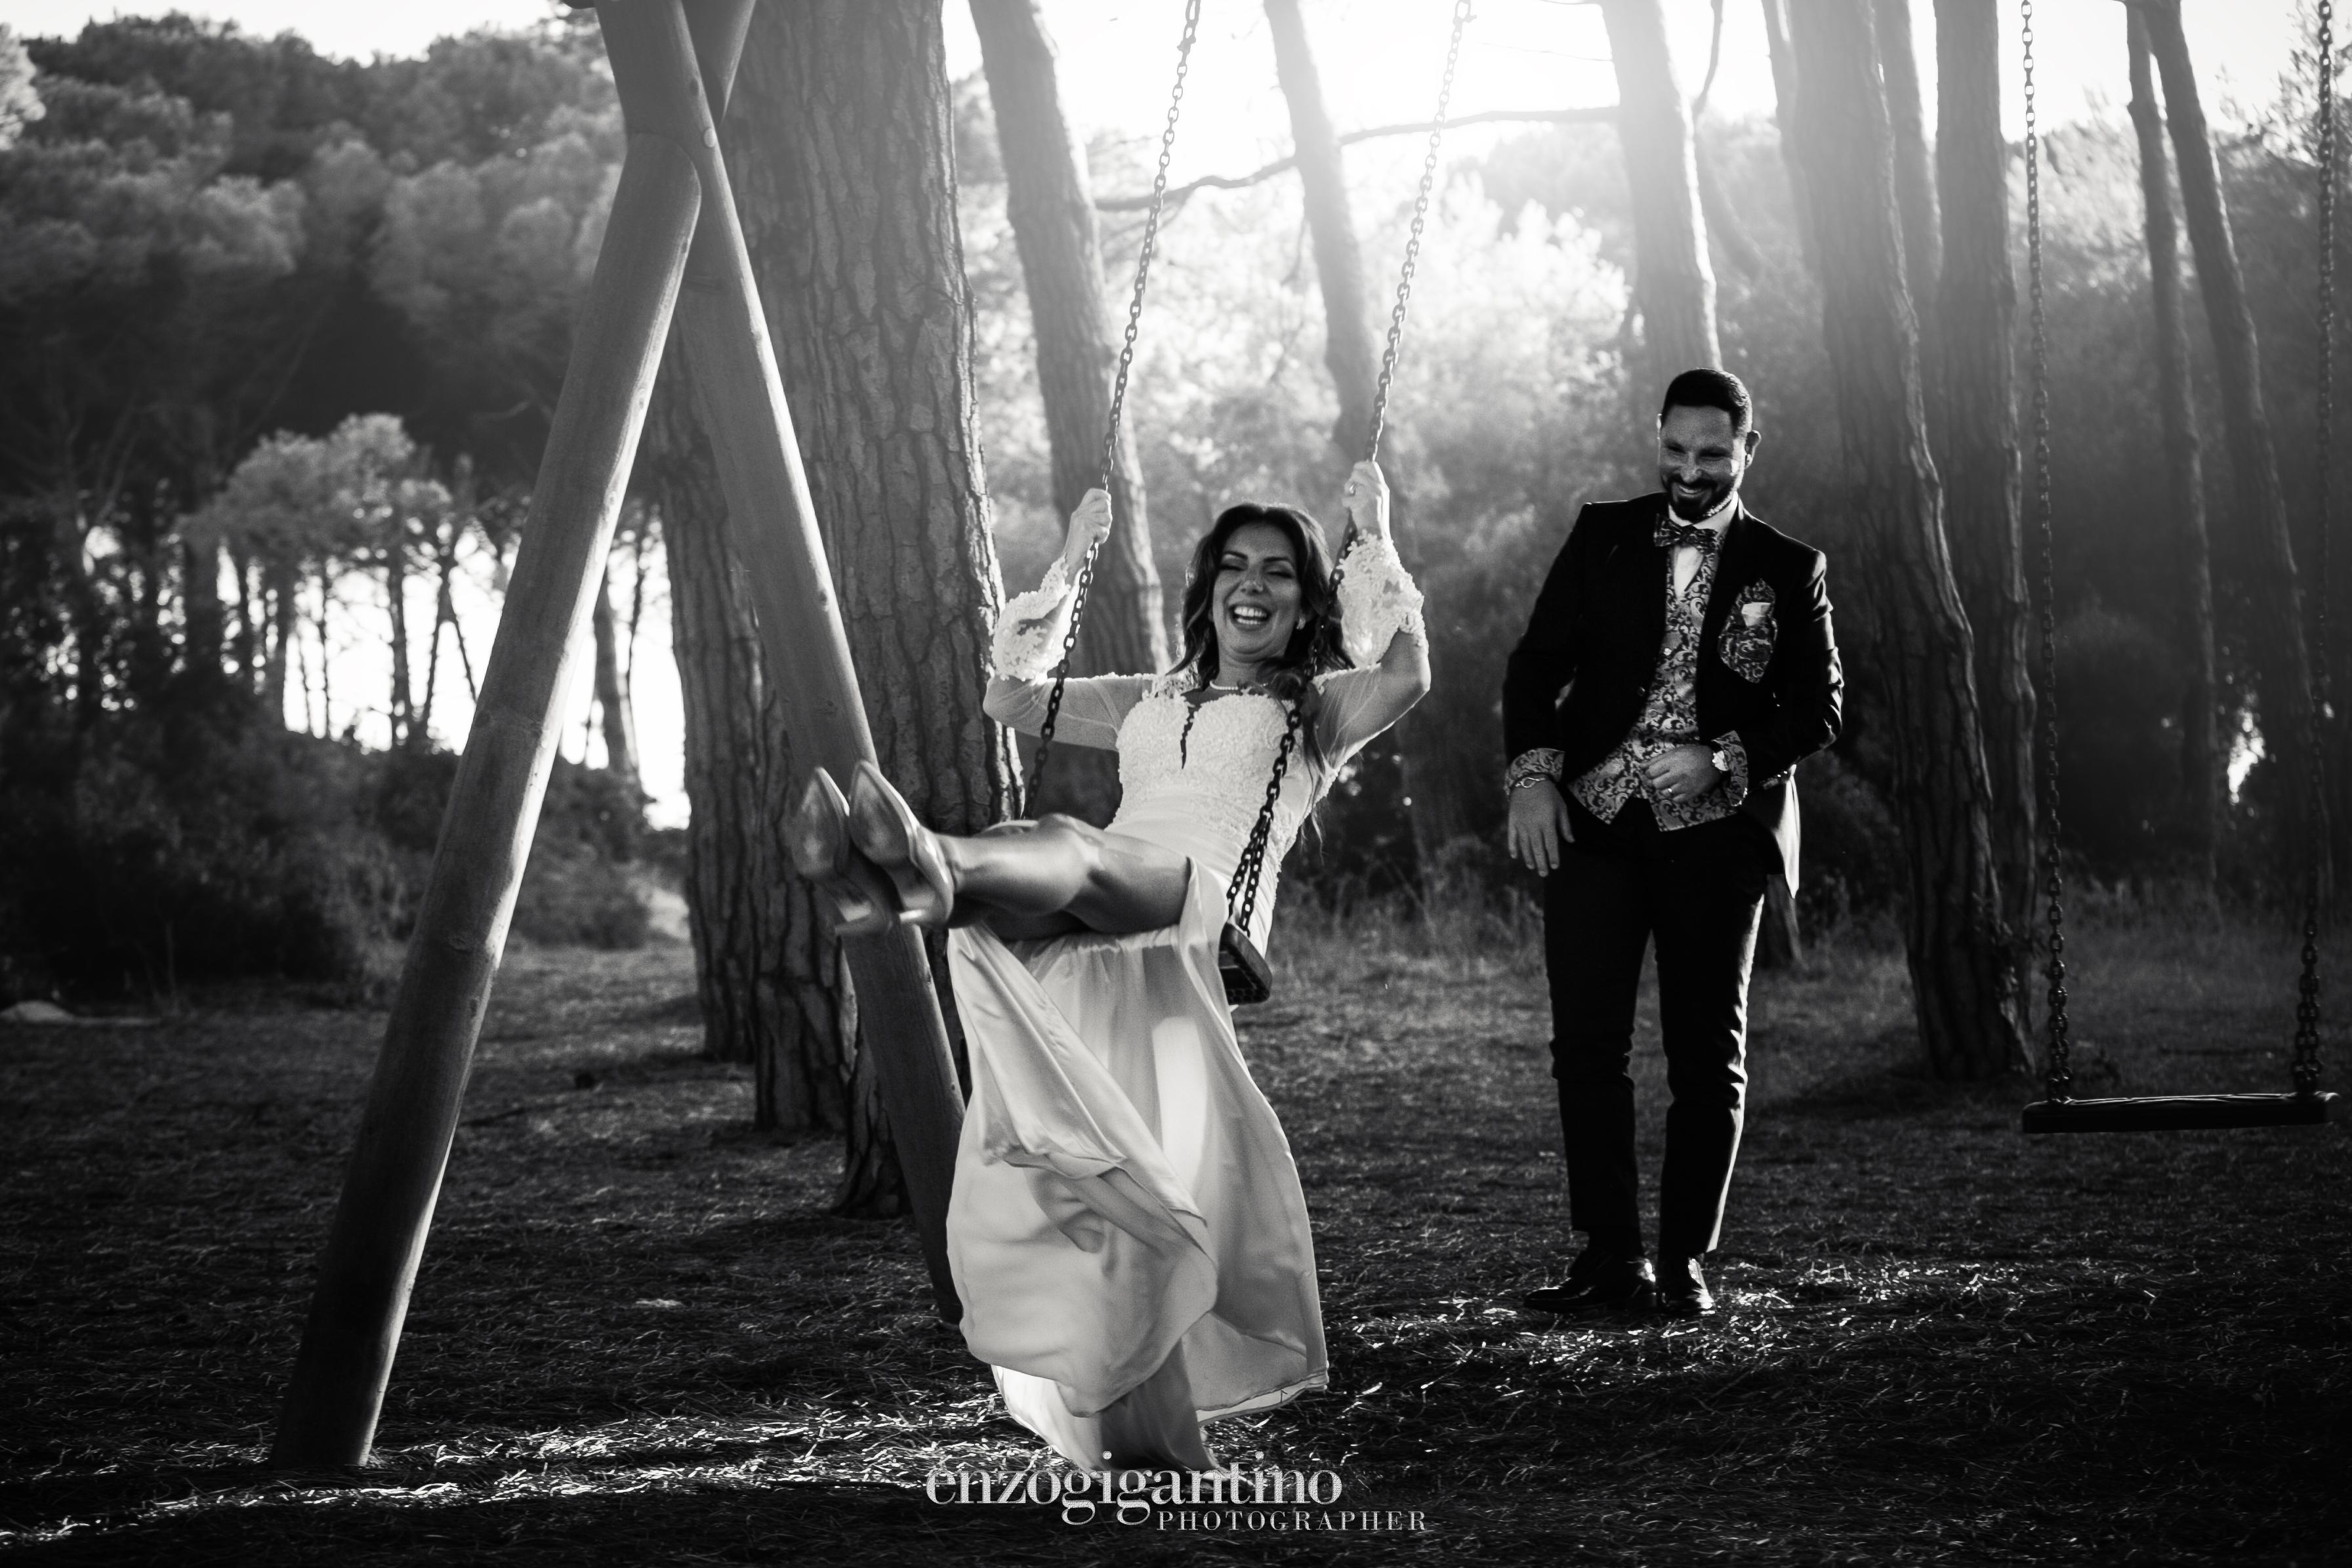 Fotografo Cava Dei Tirreni fotografo matrimonio – sposi ma non solo